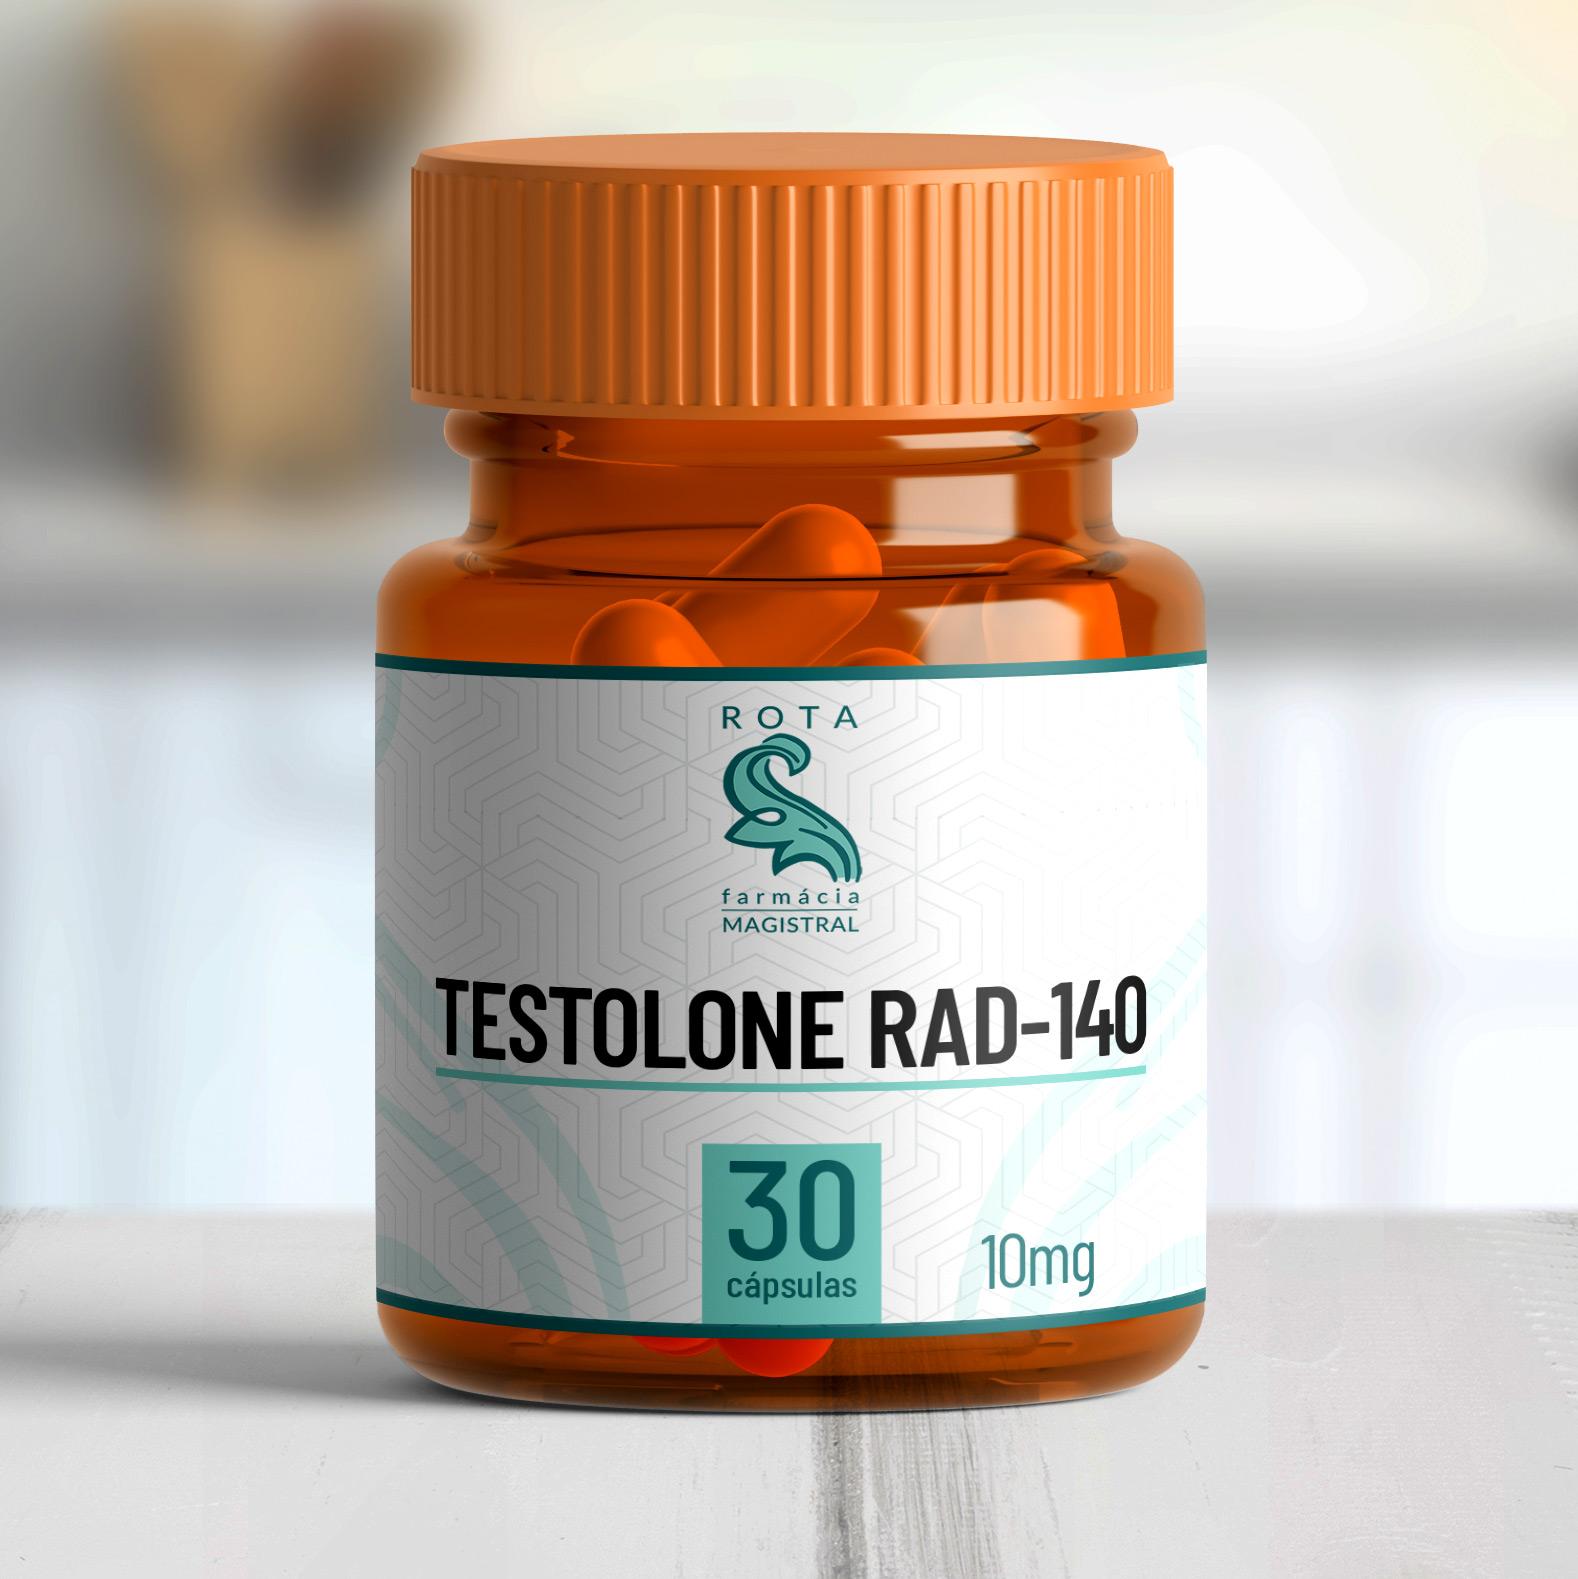 Testolone RAD-140 10mg 30 cápsulas